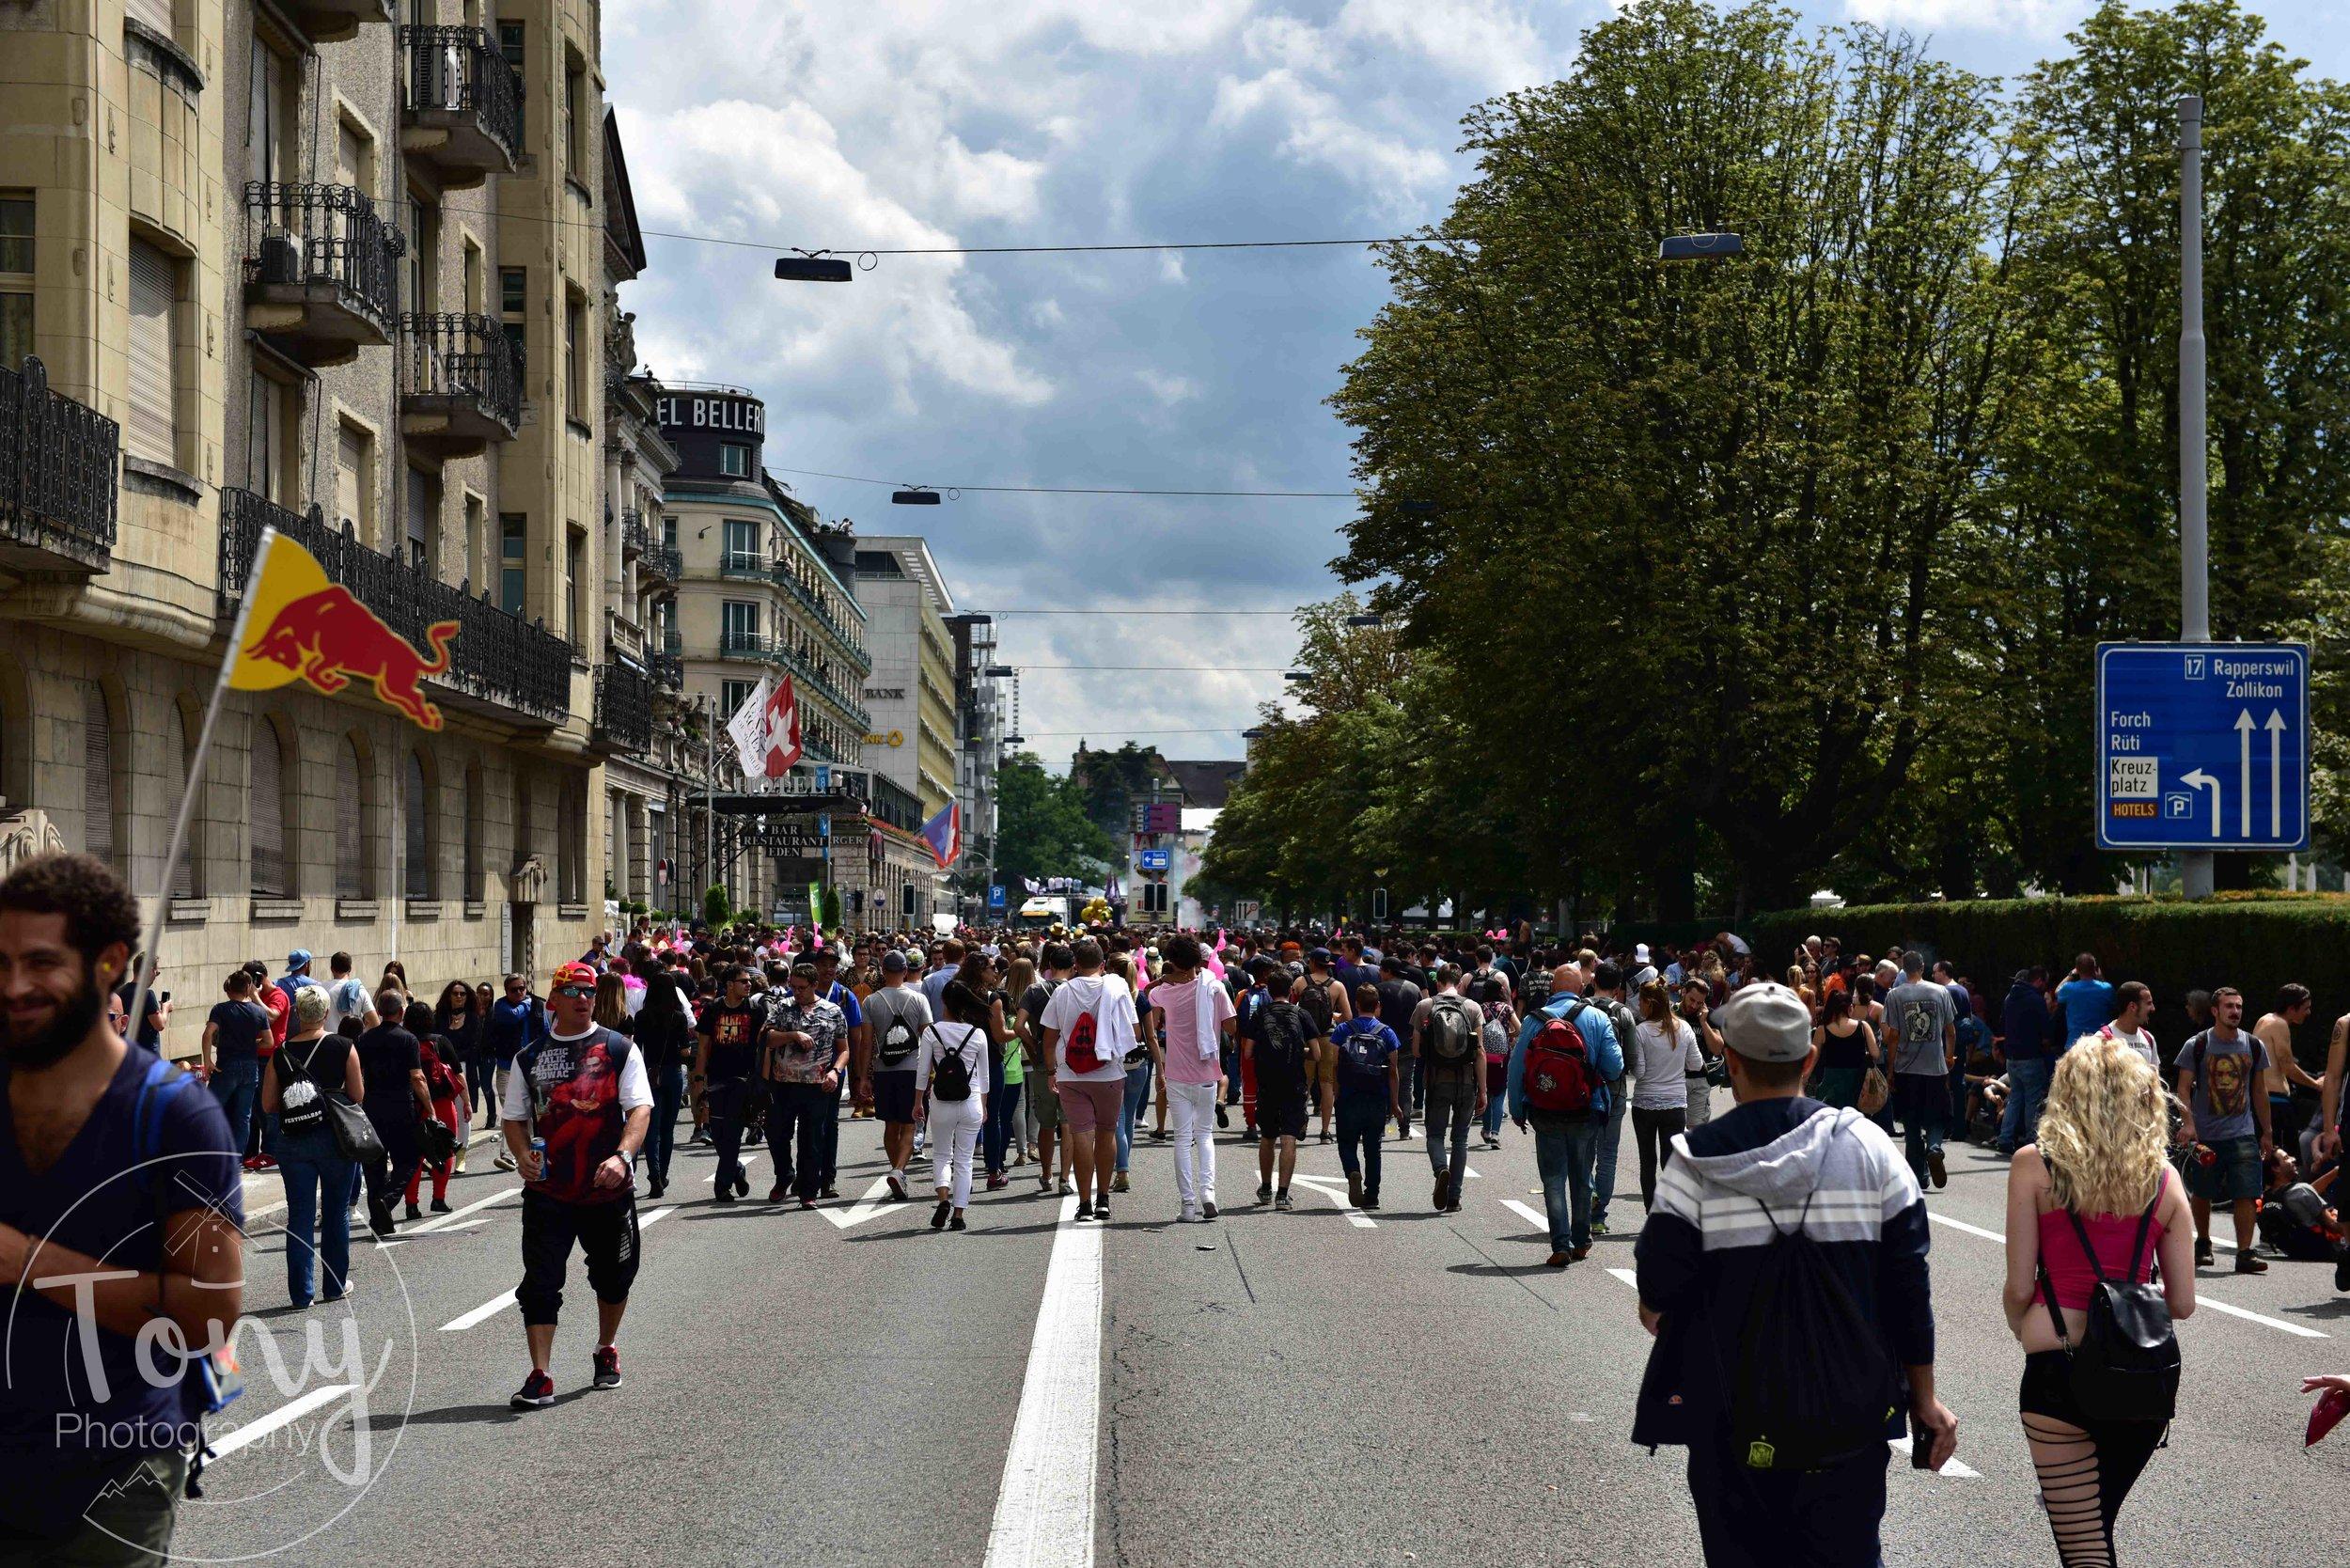 streetparade-41.jpg